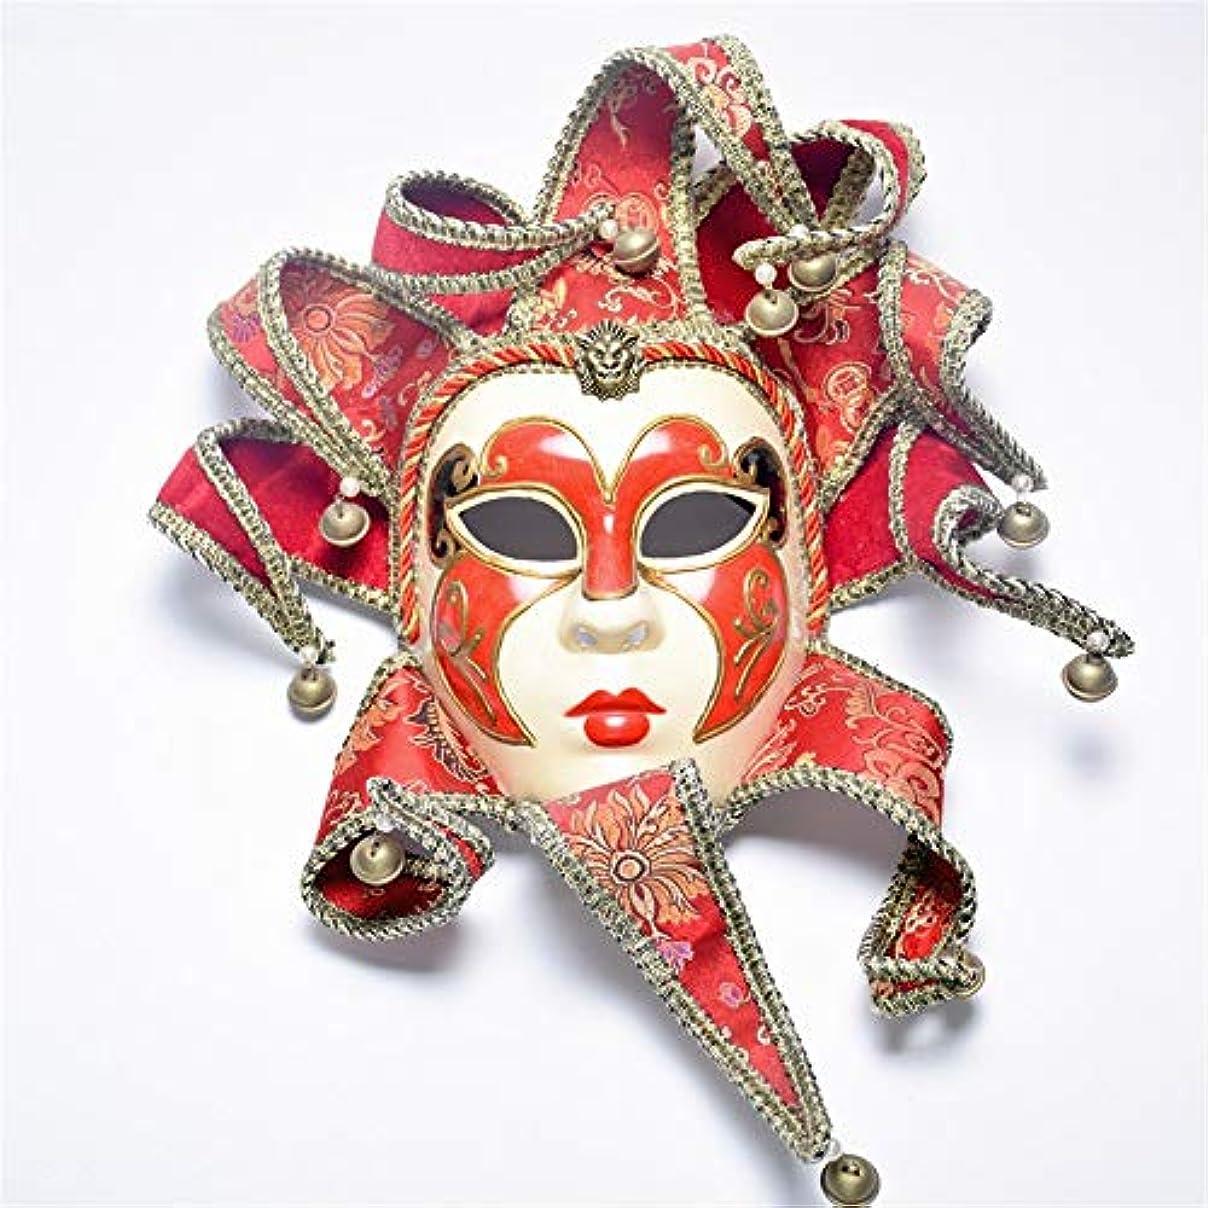 加速する素晴らしい納税者ダンスマスク フルフェイスマスク高級パーティーベルマスク女性マスククリスマスフェスティバルロールプレイングプラスチックマスク パーティーボールマスク (色 : 赤, サイズ : 49x29cm)